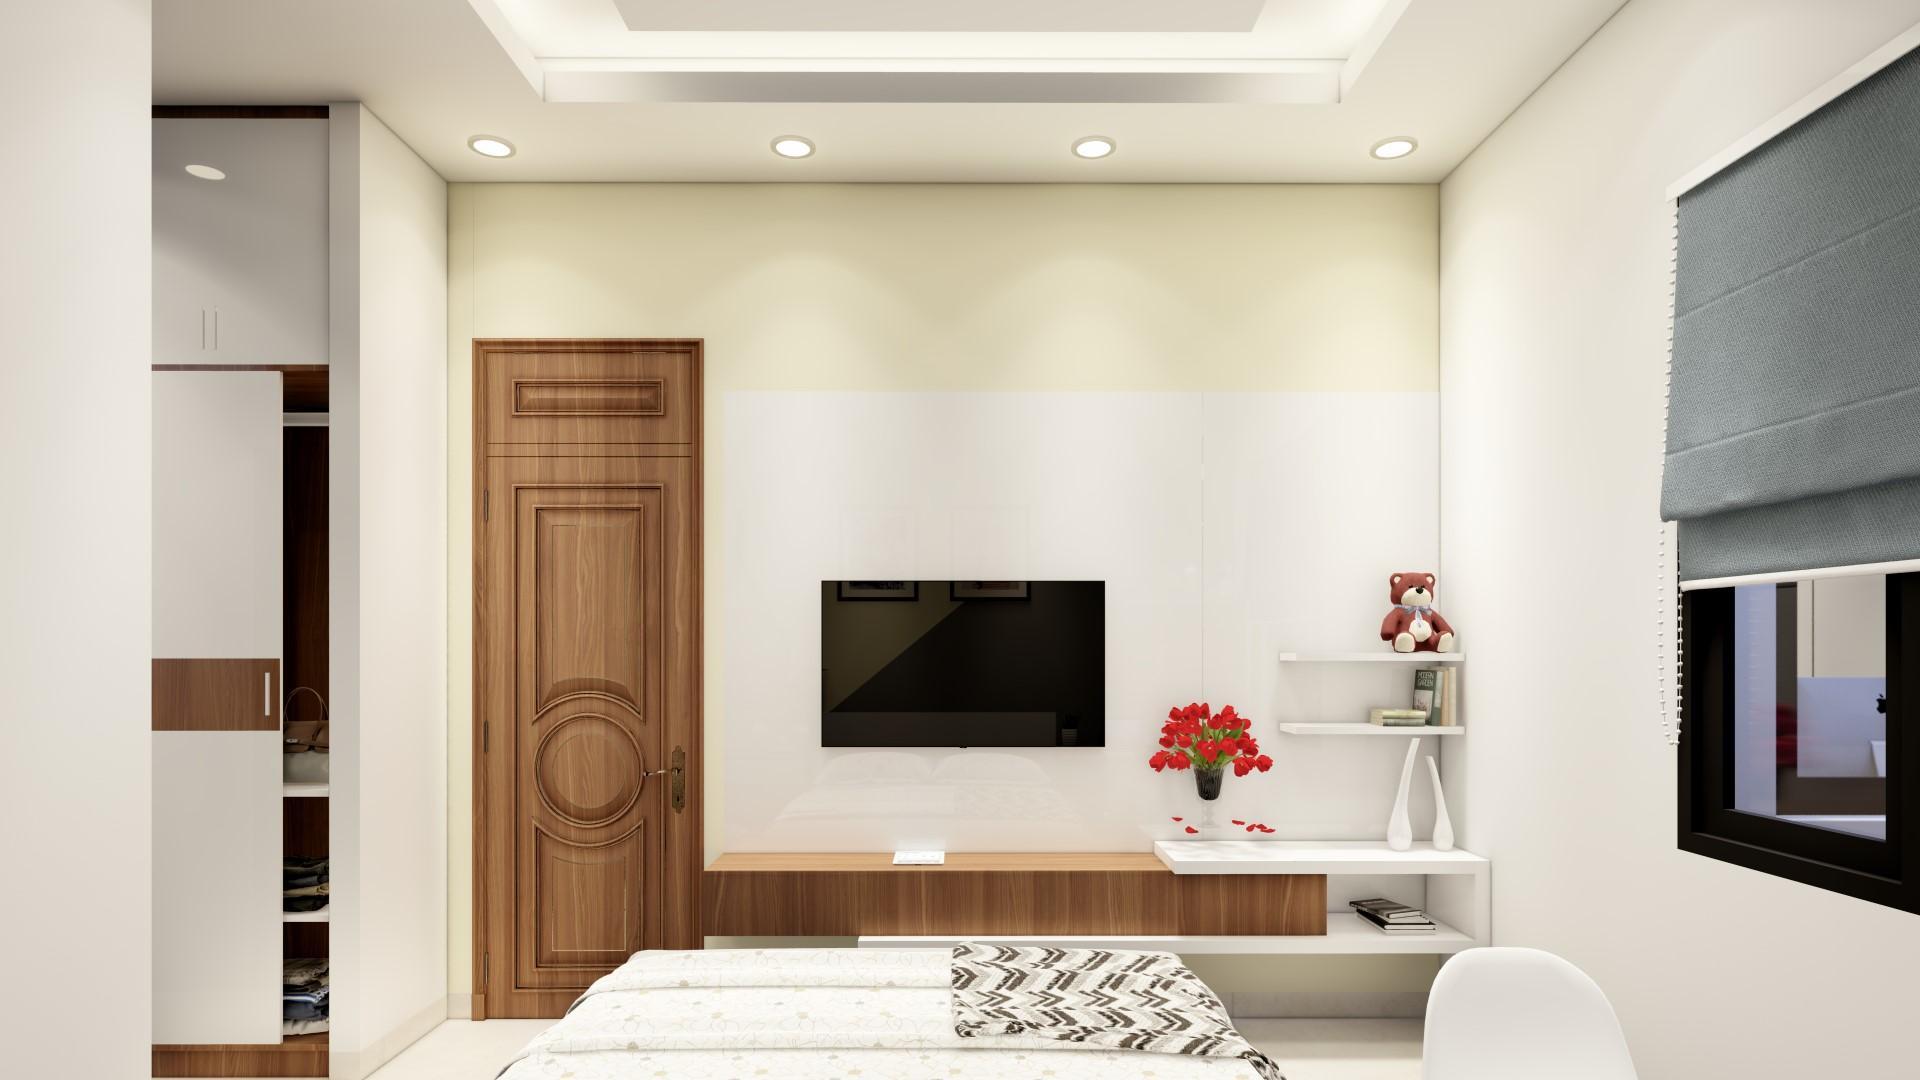 Chọn công ty thiết kế xây dựng nhà phố uy tín Sơn Hà Quảng Ngãi